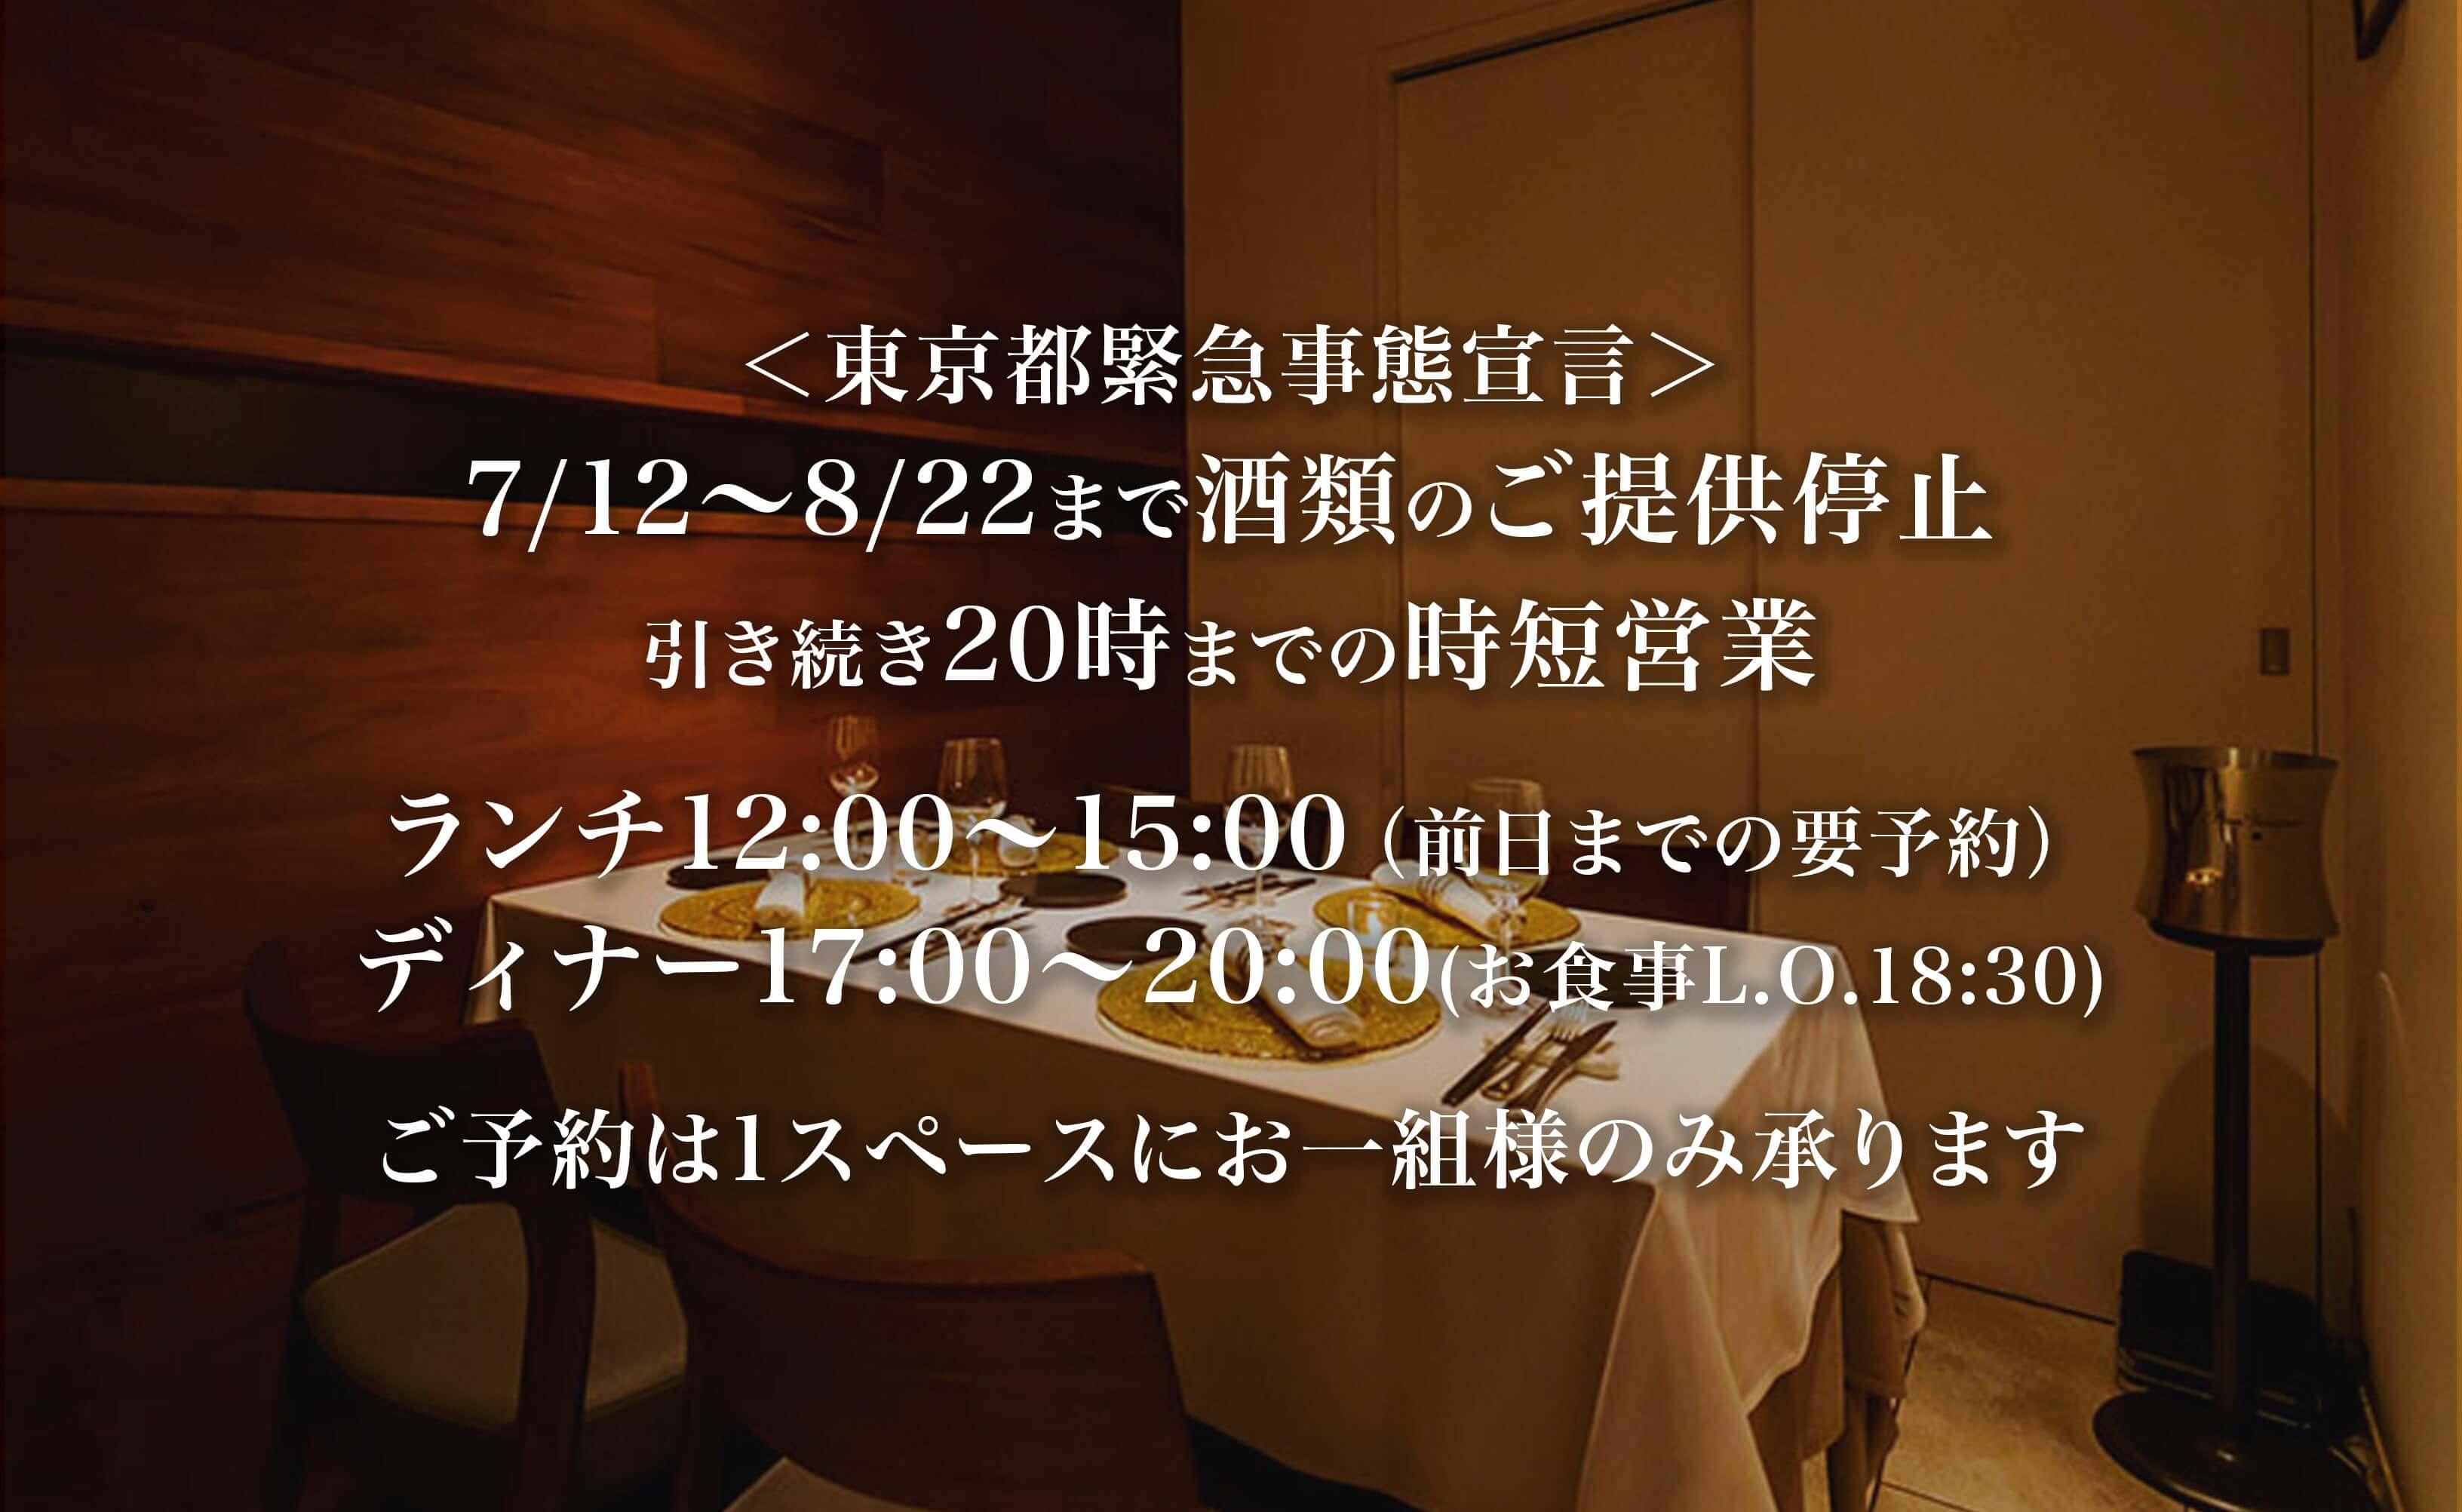 【7/12〜8/22まで】緊急事態宣言発令に伴う営業のお知らせ